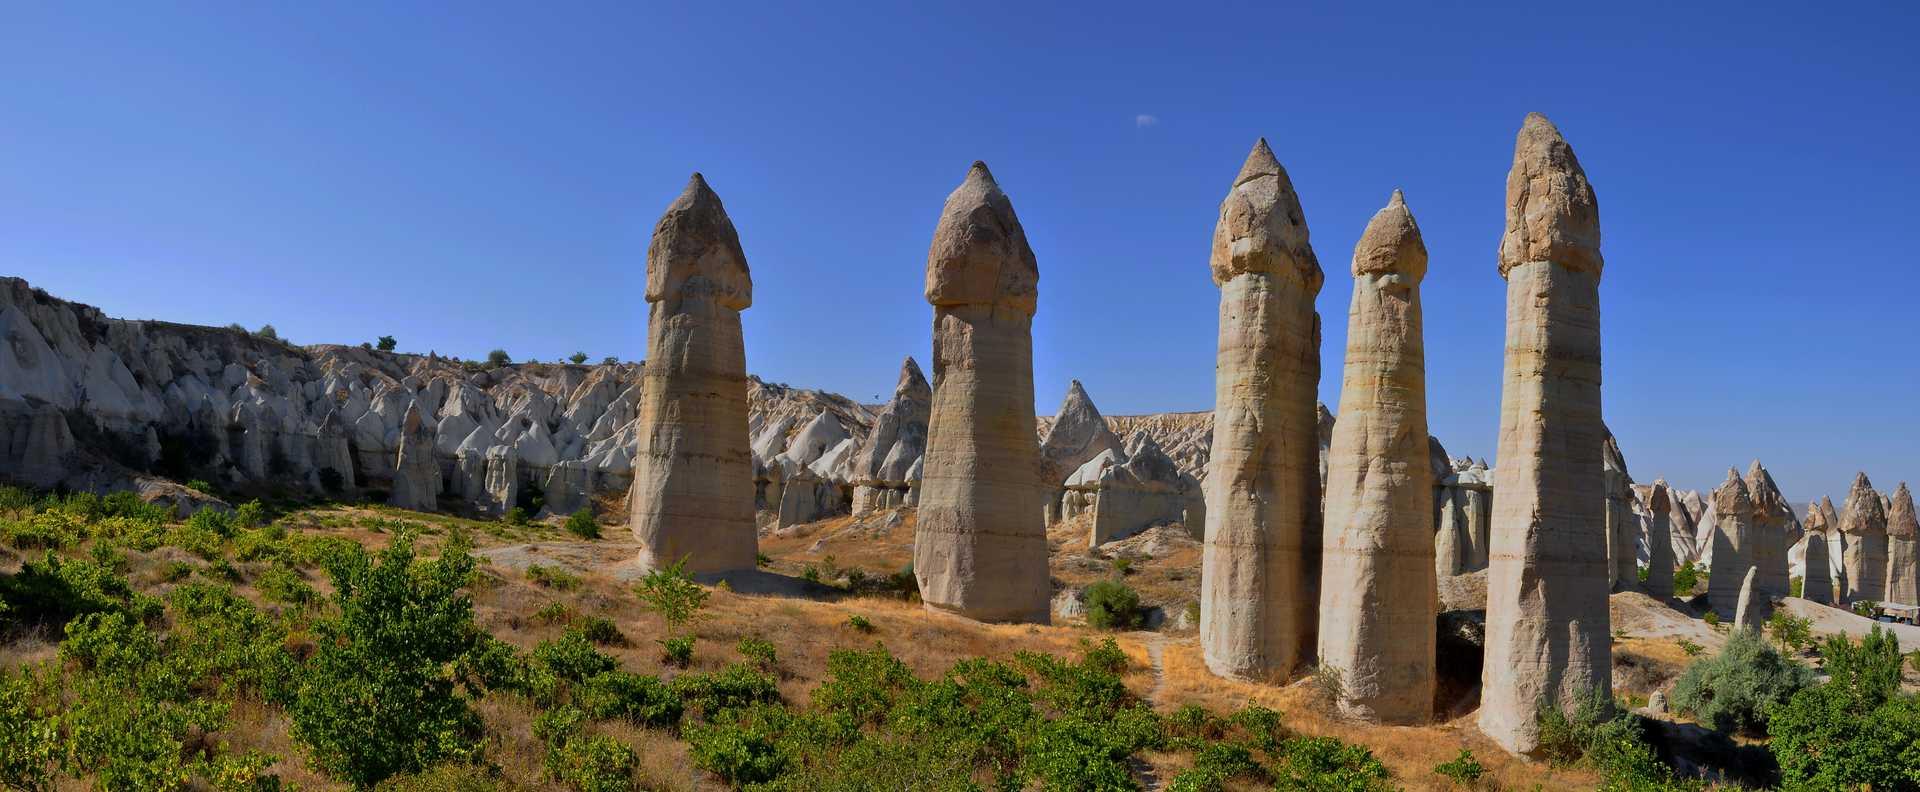 Vallée de l'Amour, Cappadoce, Turquie